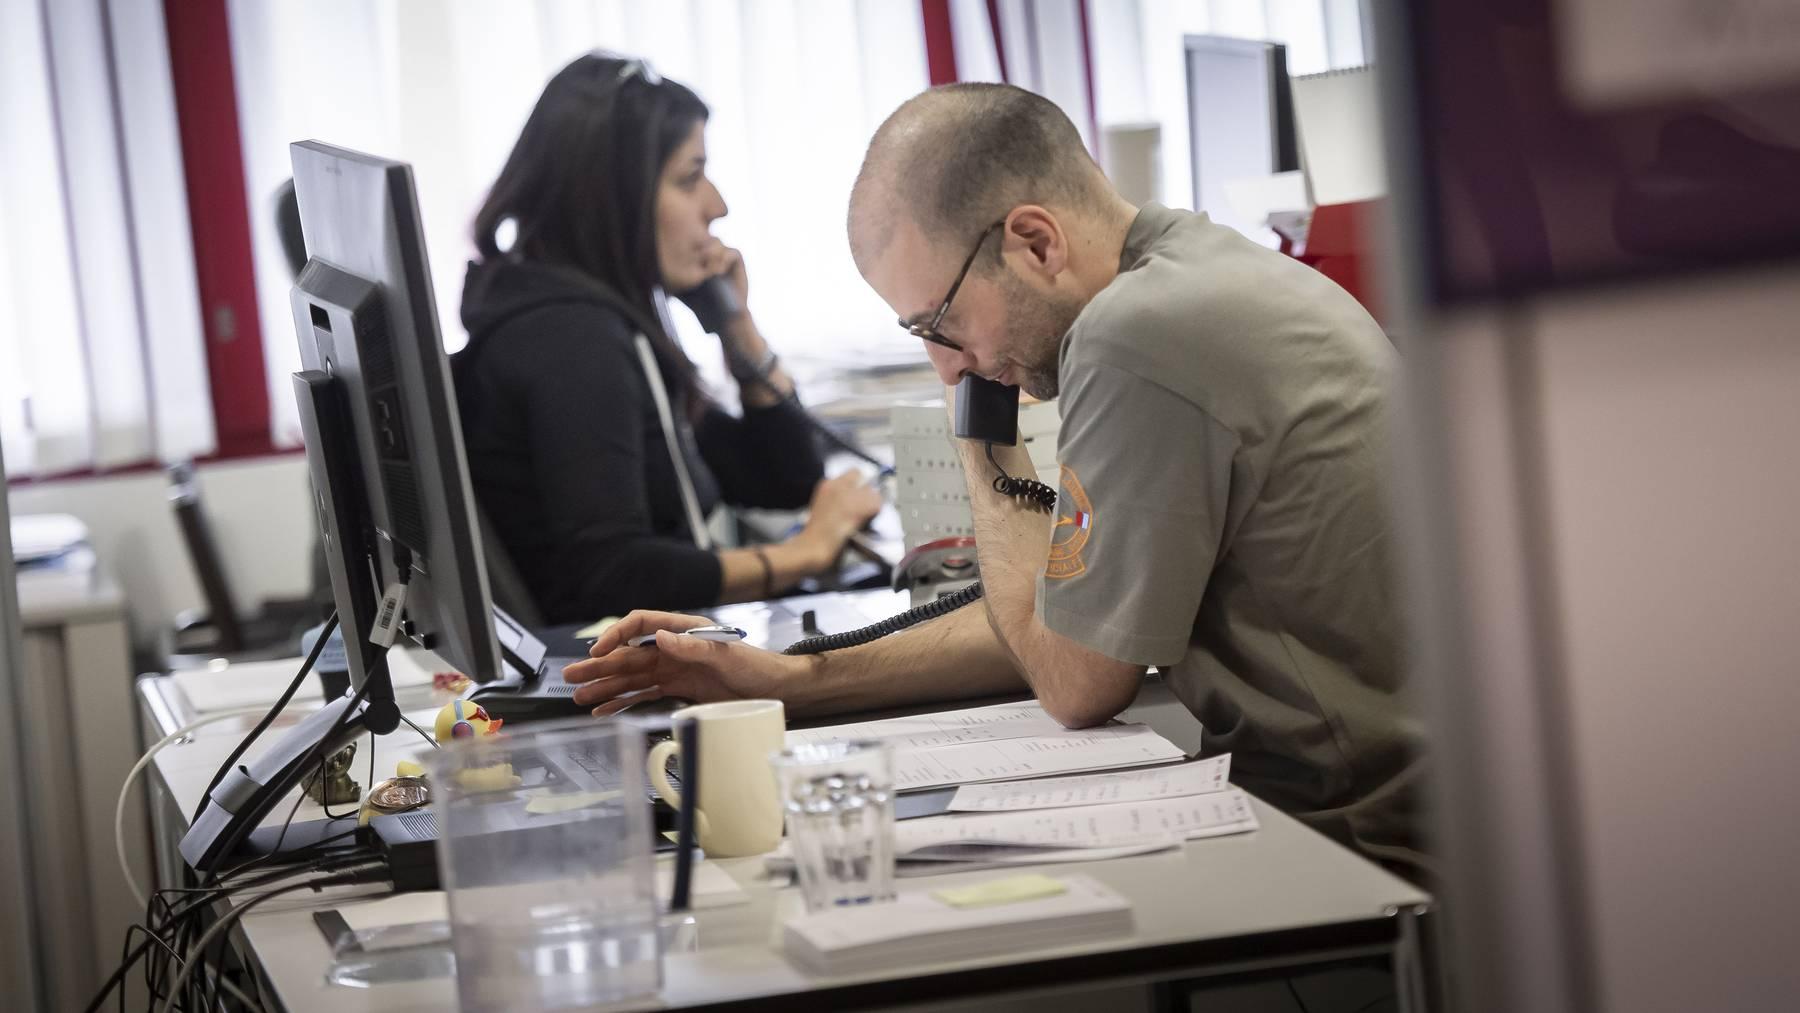 Selbständig Erwerbende werden hart getroffen, weil sie keine Kurzarbeit einführen können (Symbolbild).